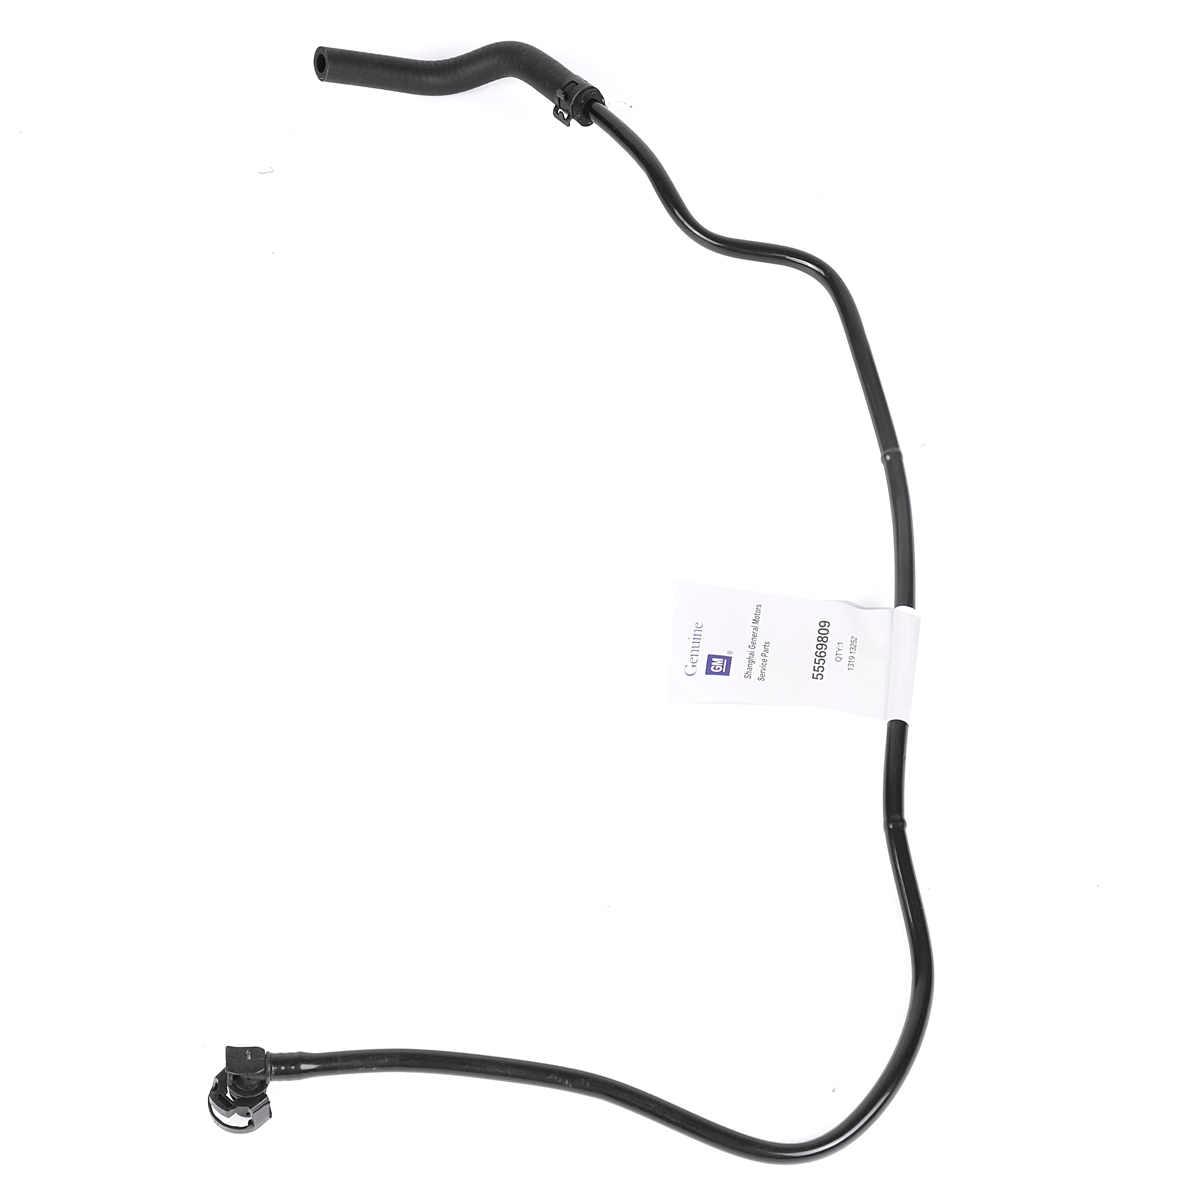 Heißer Verkauf Auto Restrictor Gas Thermostat Heizung Rohr Haus Tupe 55569809 Für Chevrolet Cruze 1,8 Epica Sonic Opel Astra